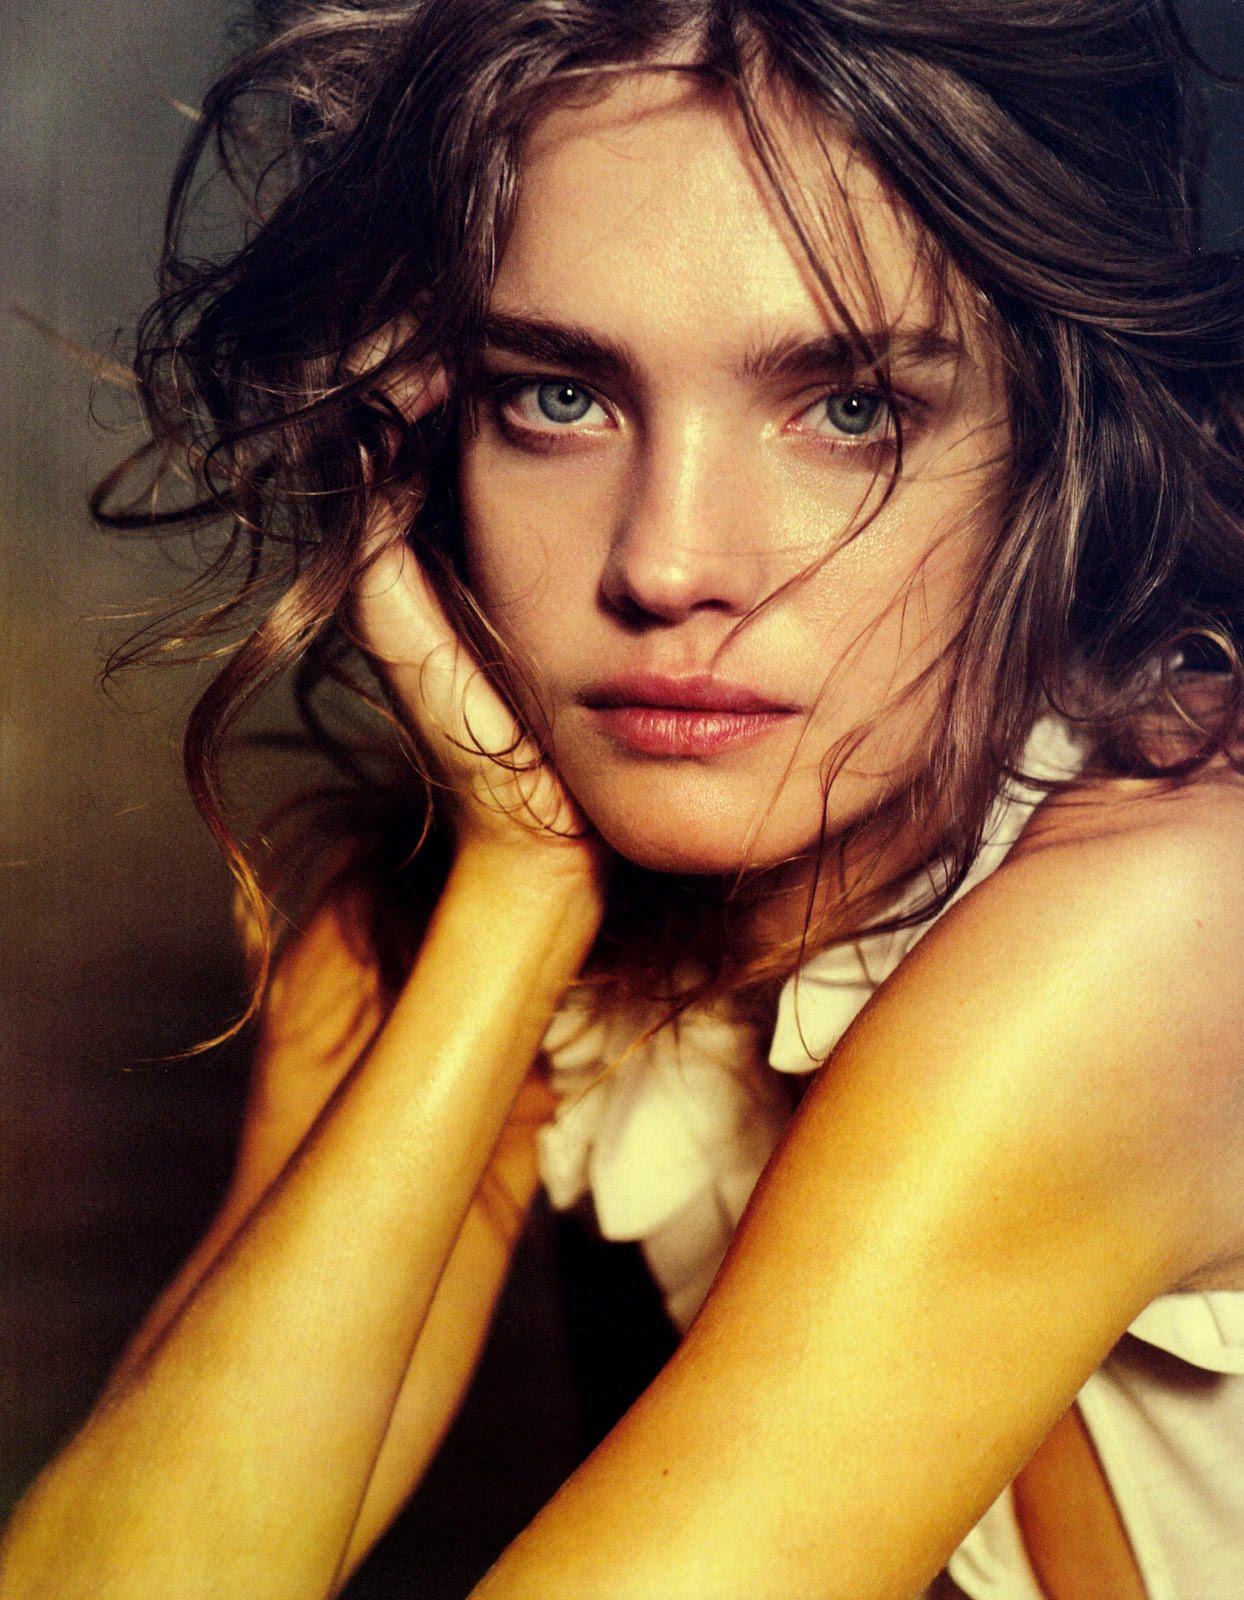 http://3.bp.blogspot.com/-XWCqFdr8QVE/Tka7IFuNaZI/AAAAAAAABs8/aGIBIY57SmU/s1600/Natalia+Vodianova+%252811%2529.jpg